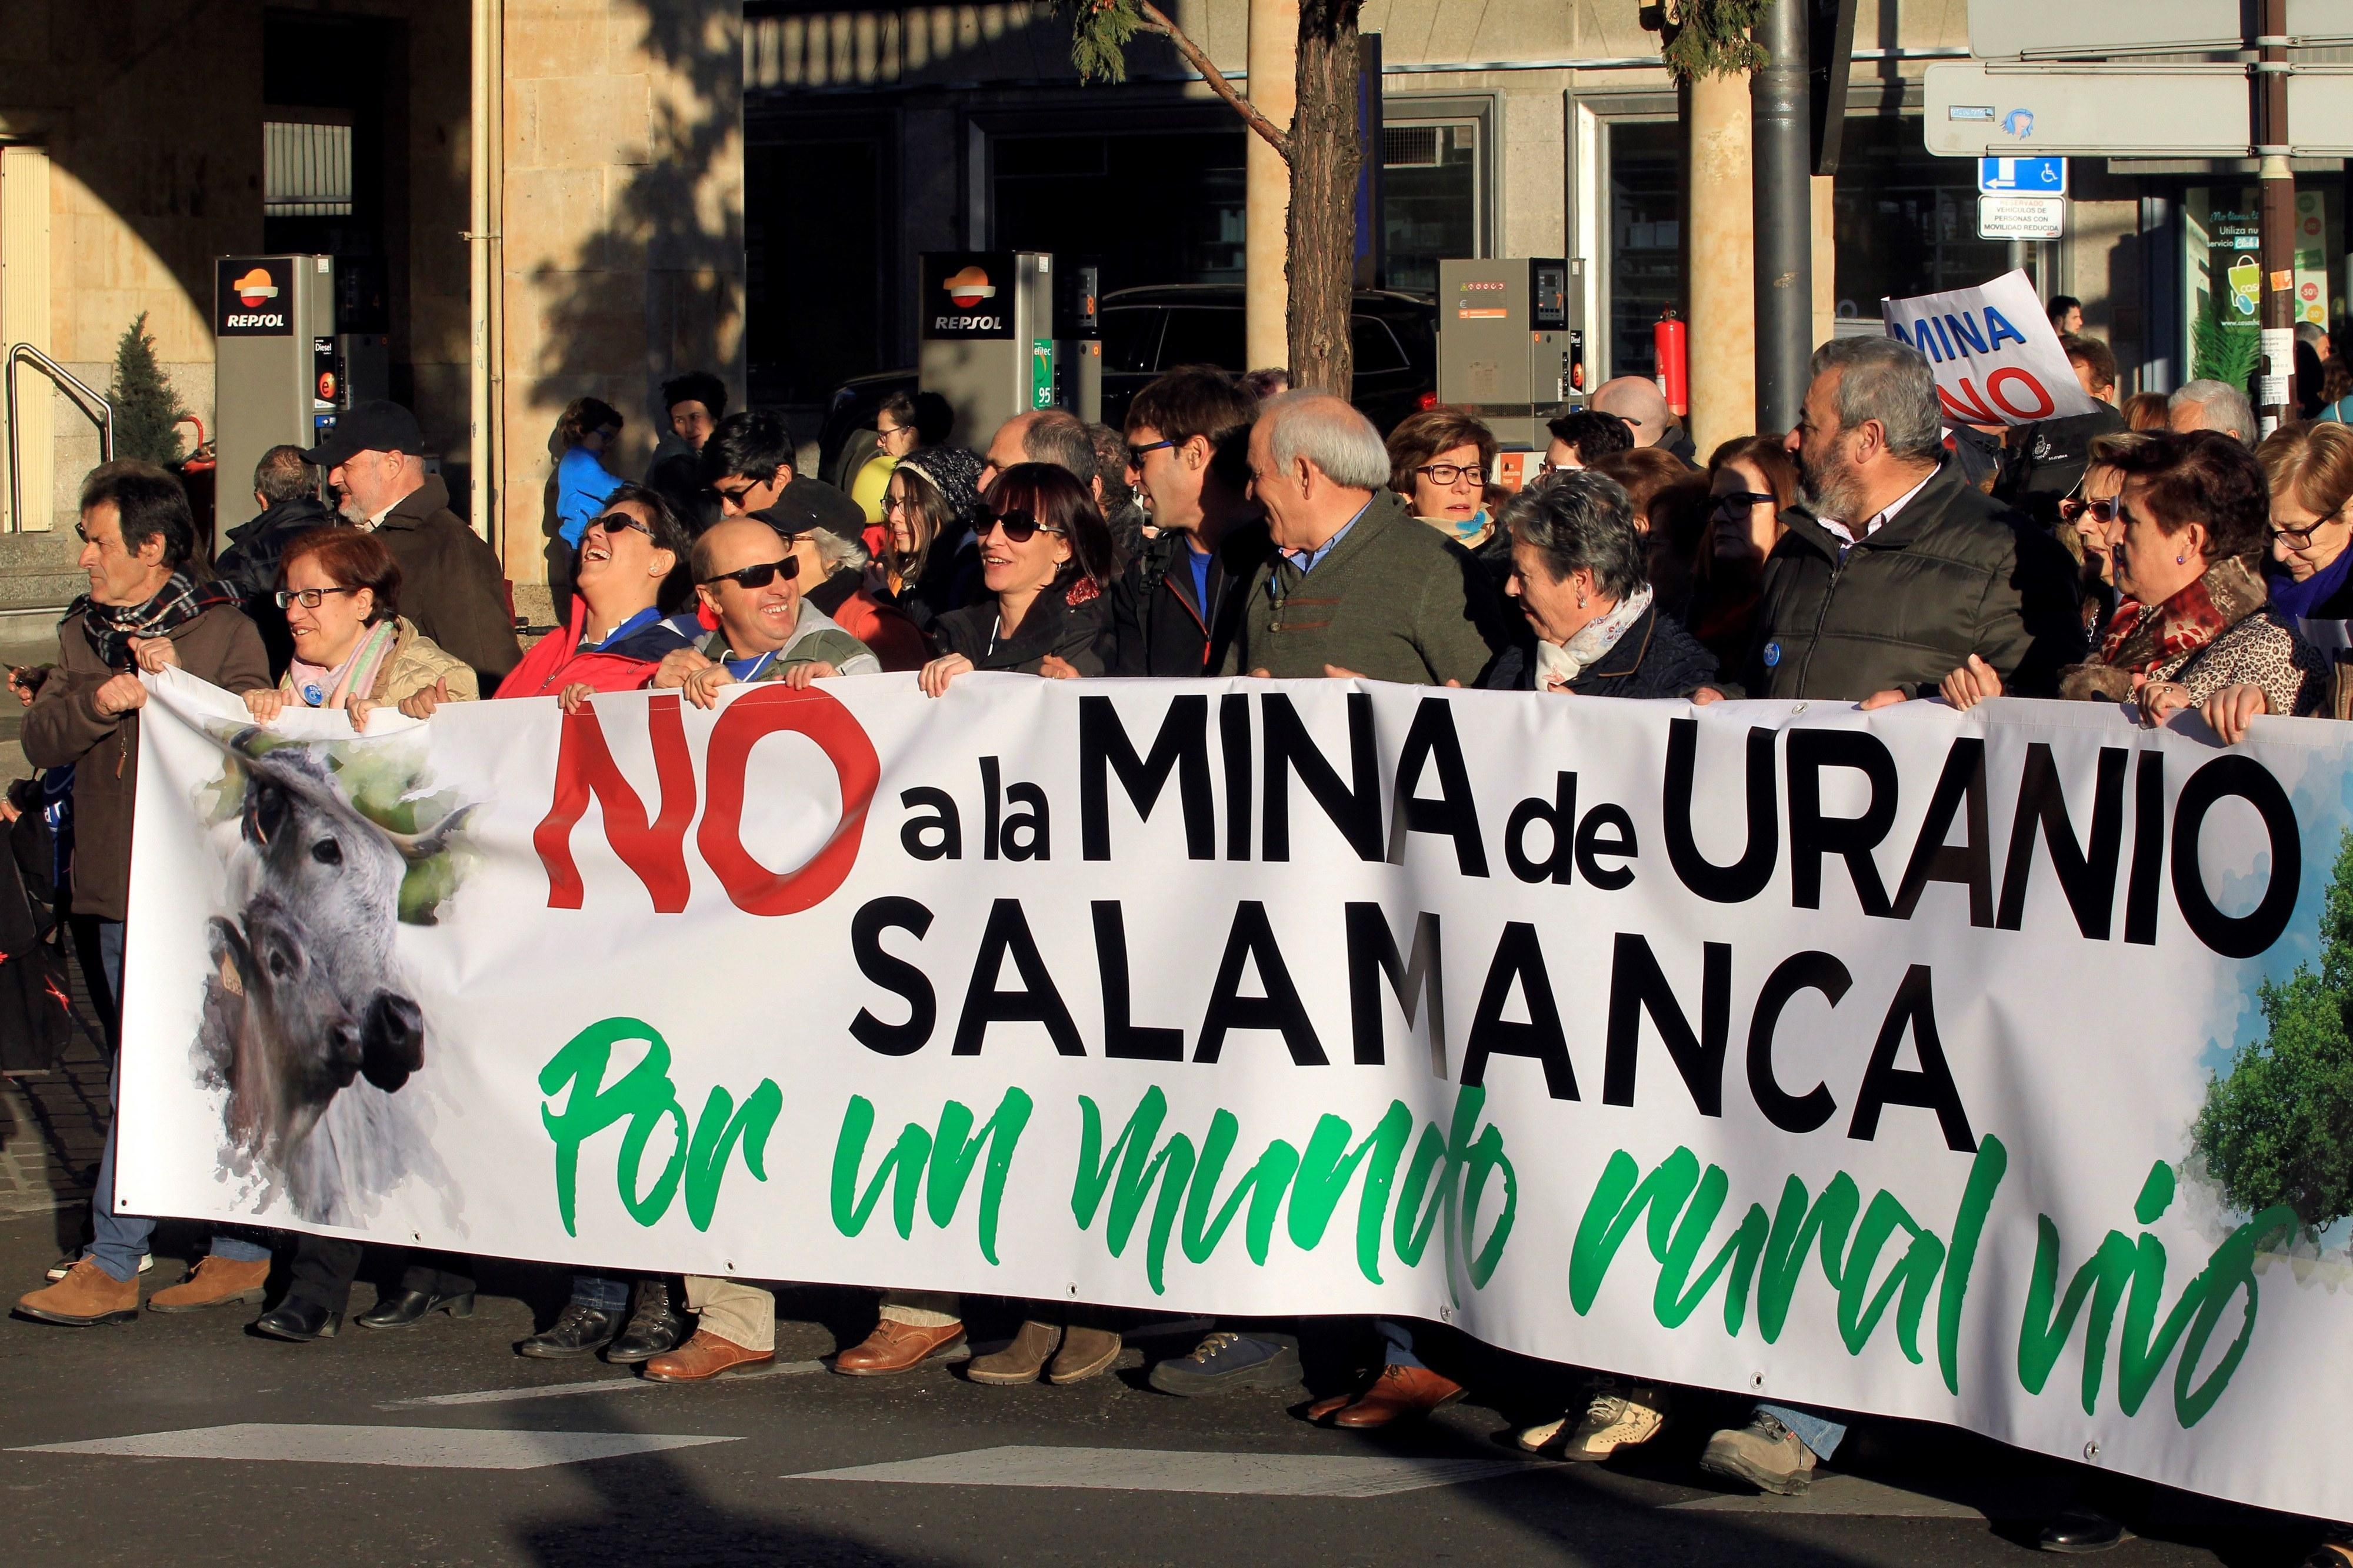 Governo espanhol confirma abandono de projeto de mina de urânio junto a Portugal